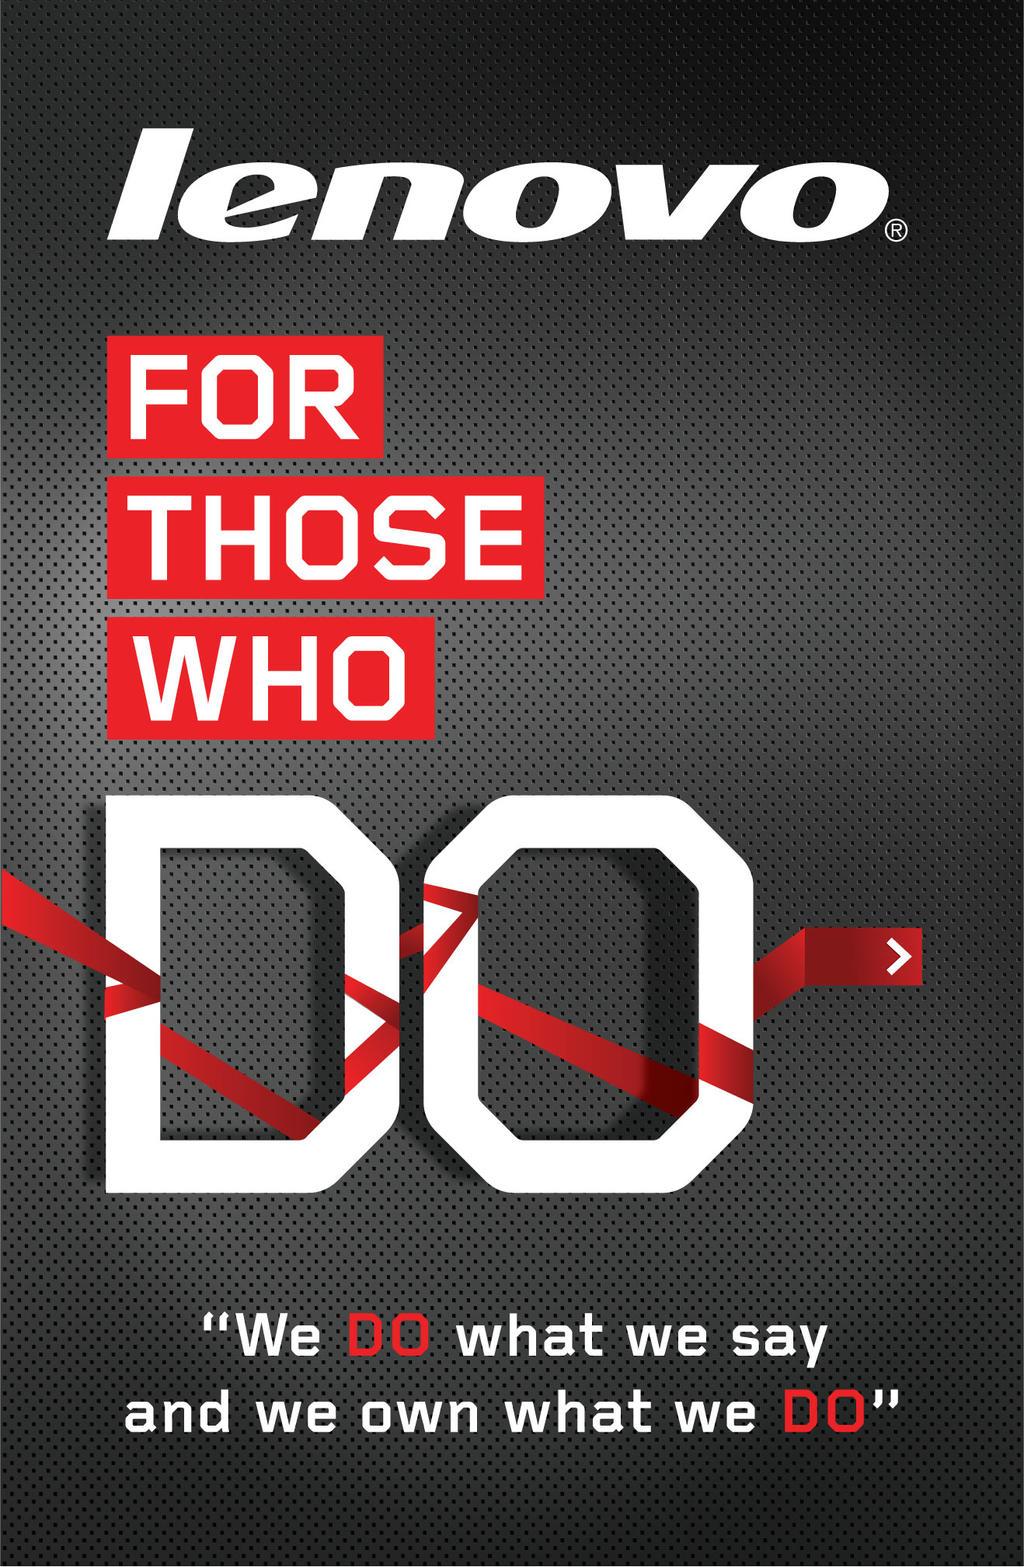 Poster design deviantart - Lenovo Poster Design By Jabedoppsdesign Lenovo Poster Design By Jabedoppsdesign